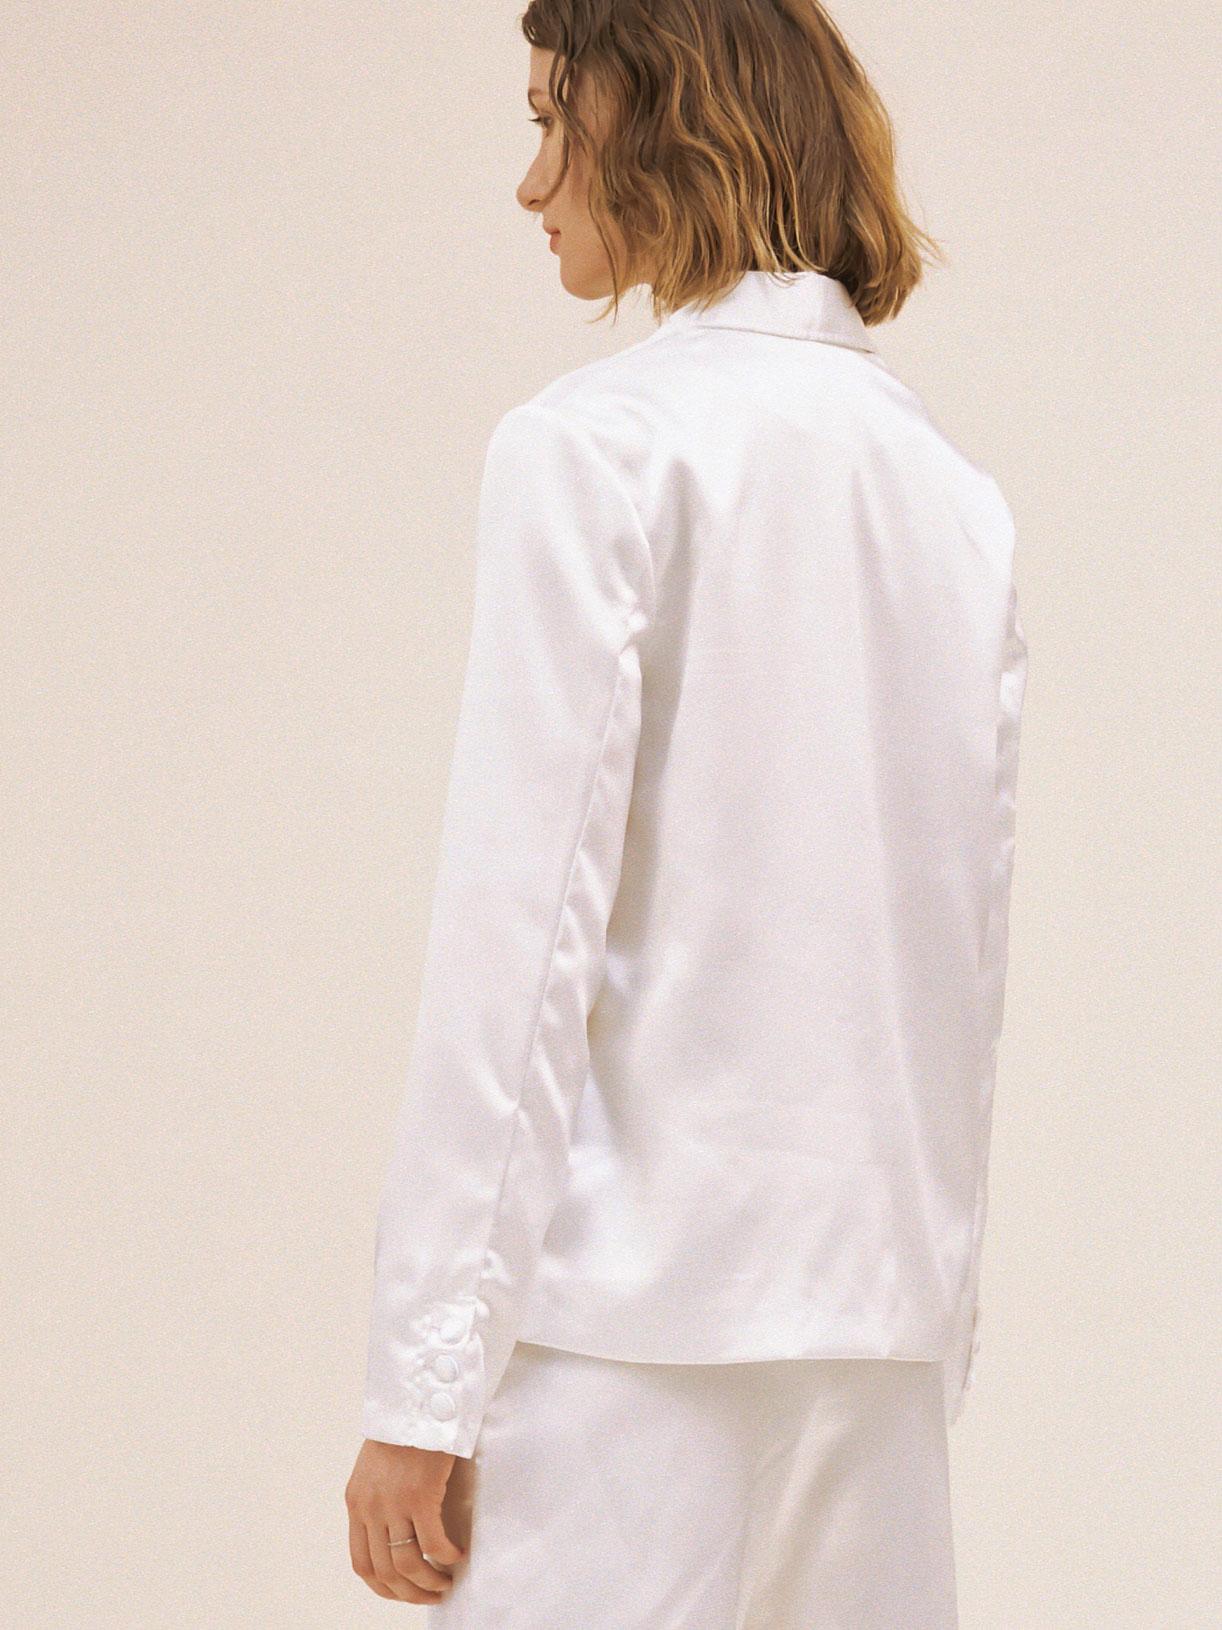 Veste de tailleur de mariée blanc écoresponsable - Creatrice de robe de mariée éthique et bio a Paris - Myphilosophy